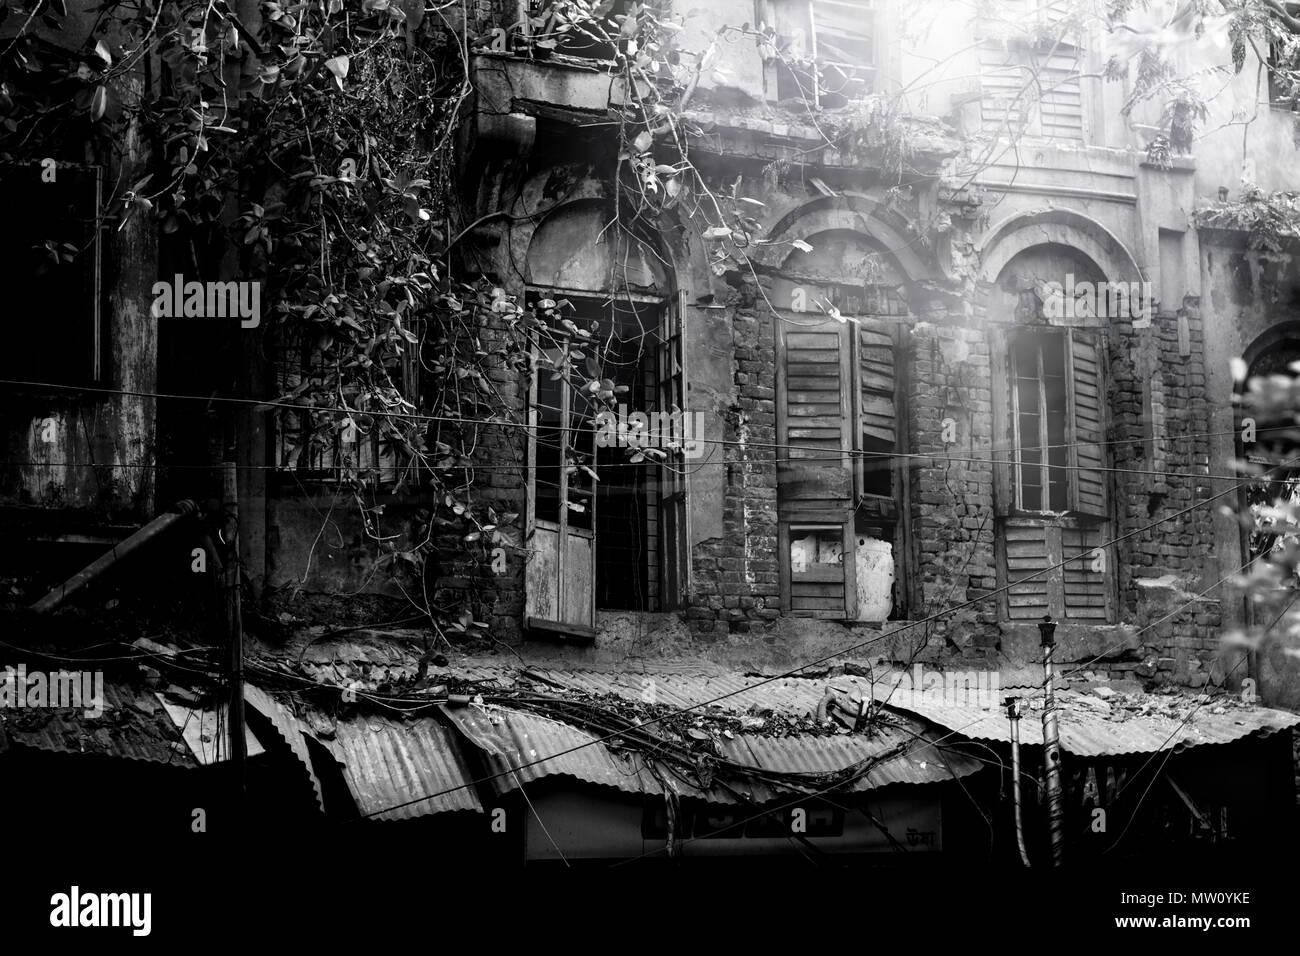 Kolkata rickshawala,taxi, indian street photography,el rickshaw,india,amor,triste,felicidad,contento,lucha,carretera,desamparados,solitaria,soledad,ciudad,antigua casa,la niebla Imagen De Stock